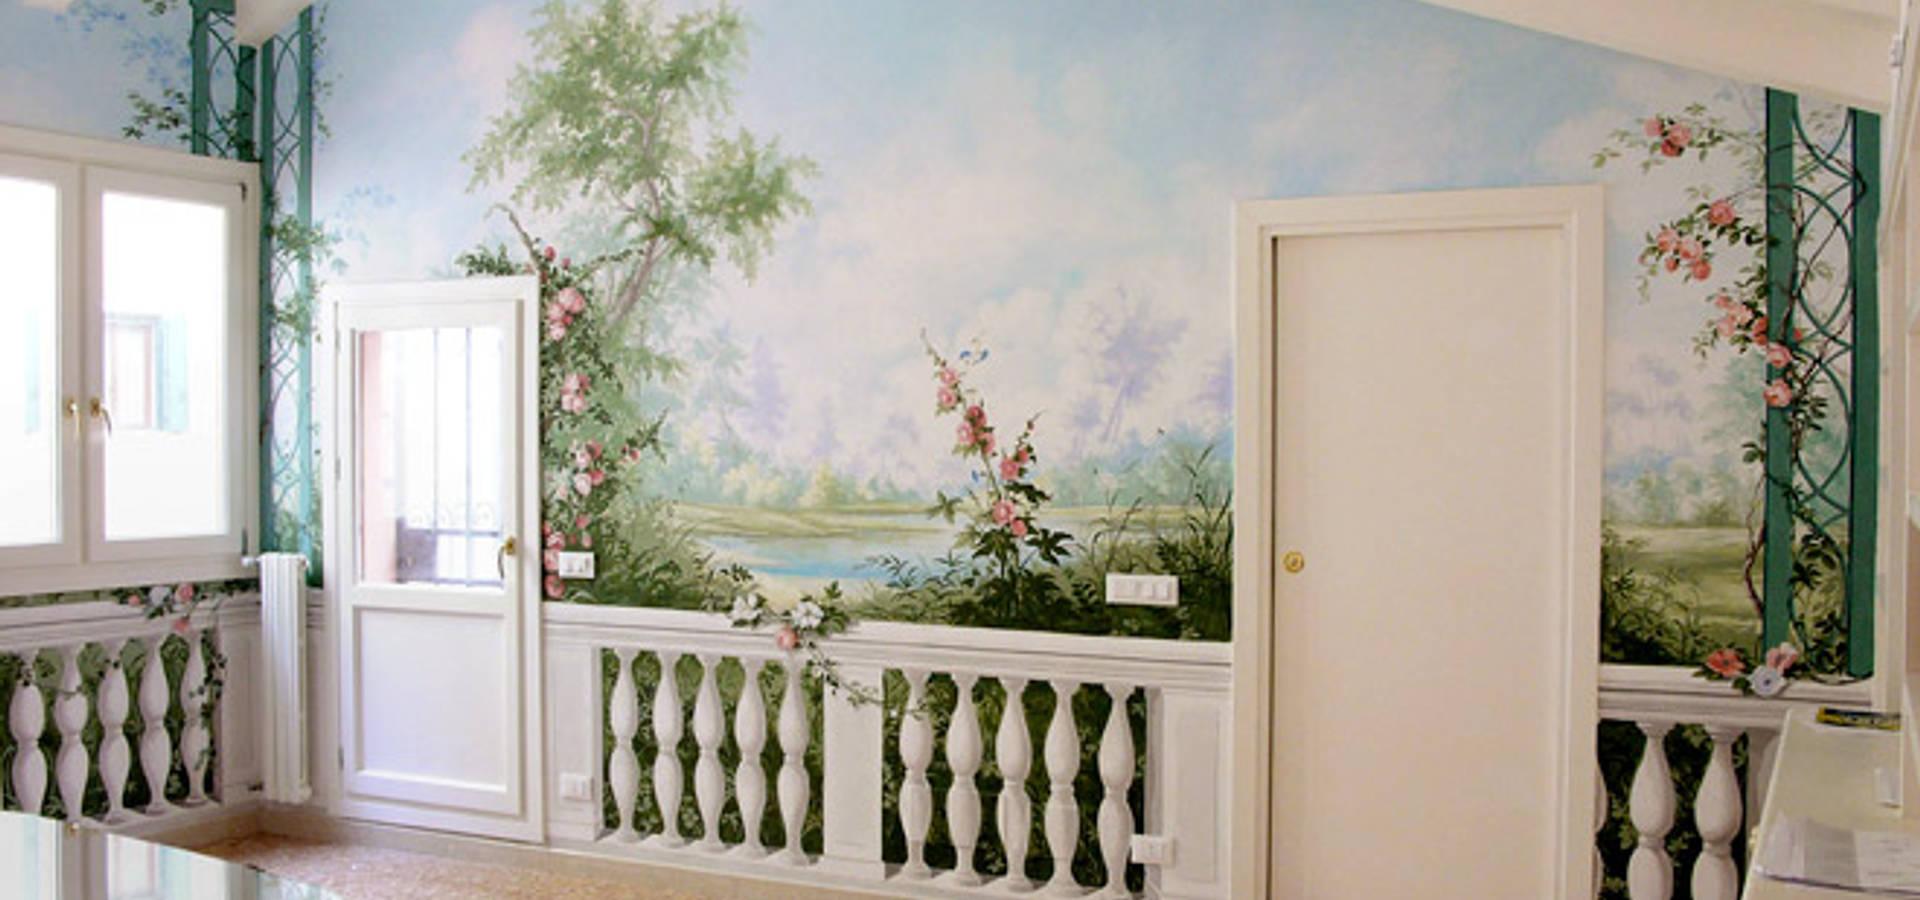 erica de rosa dipinti affreschi trompe l oeil decorazioni